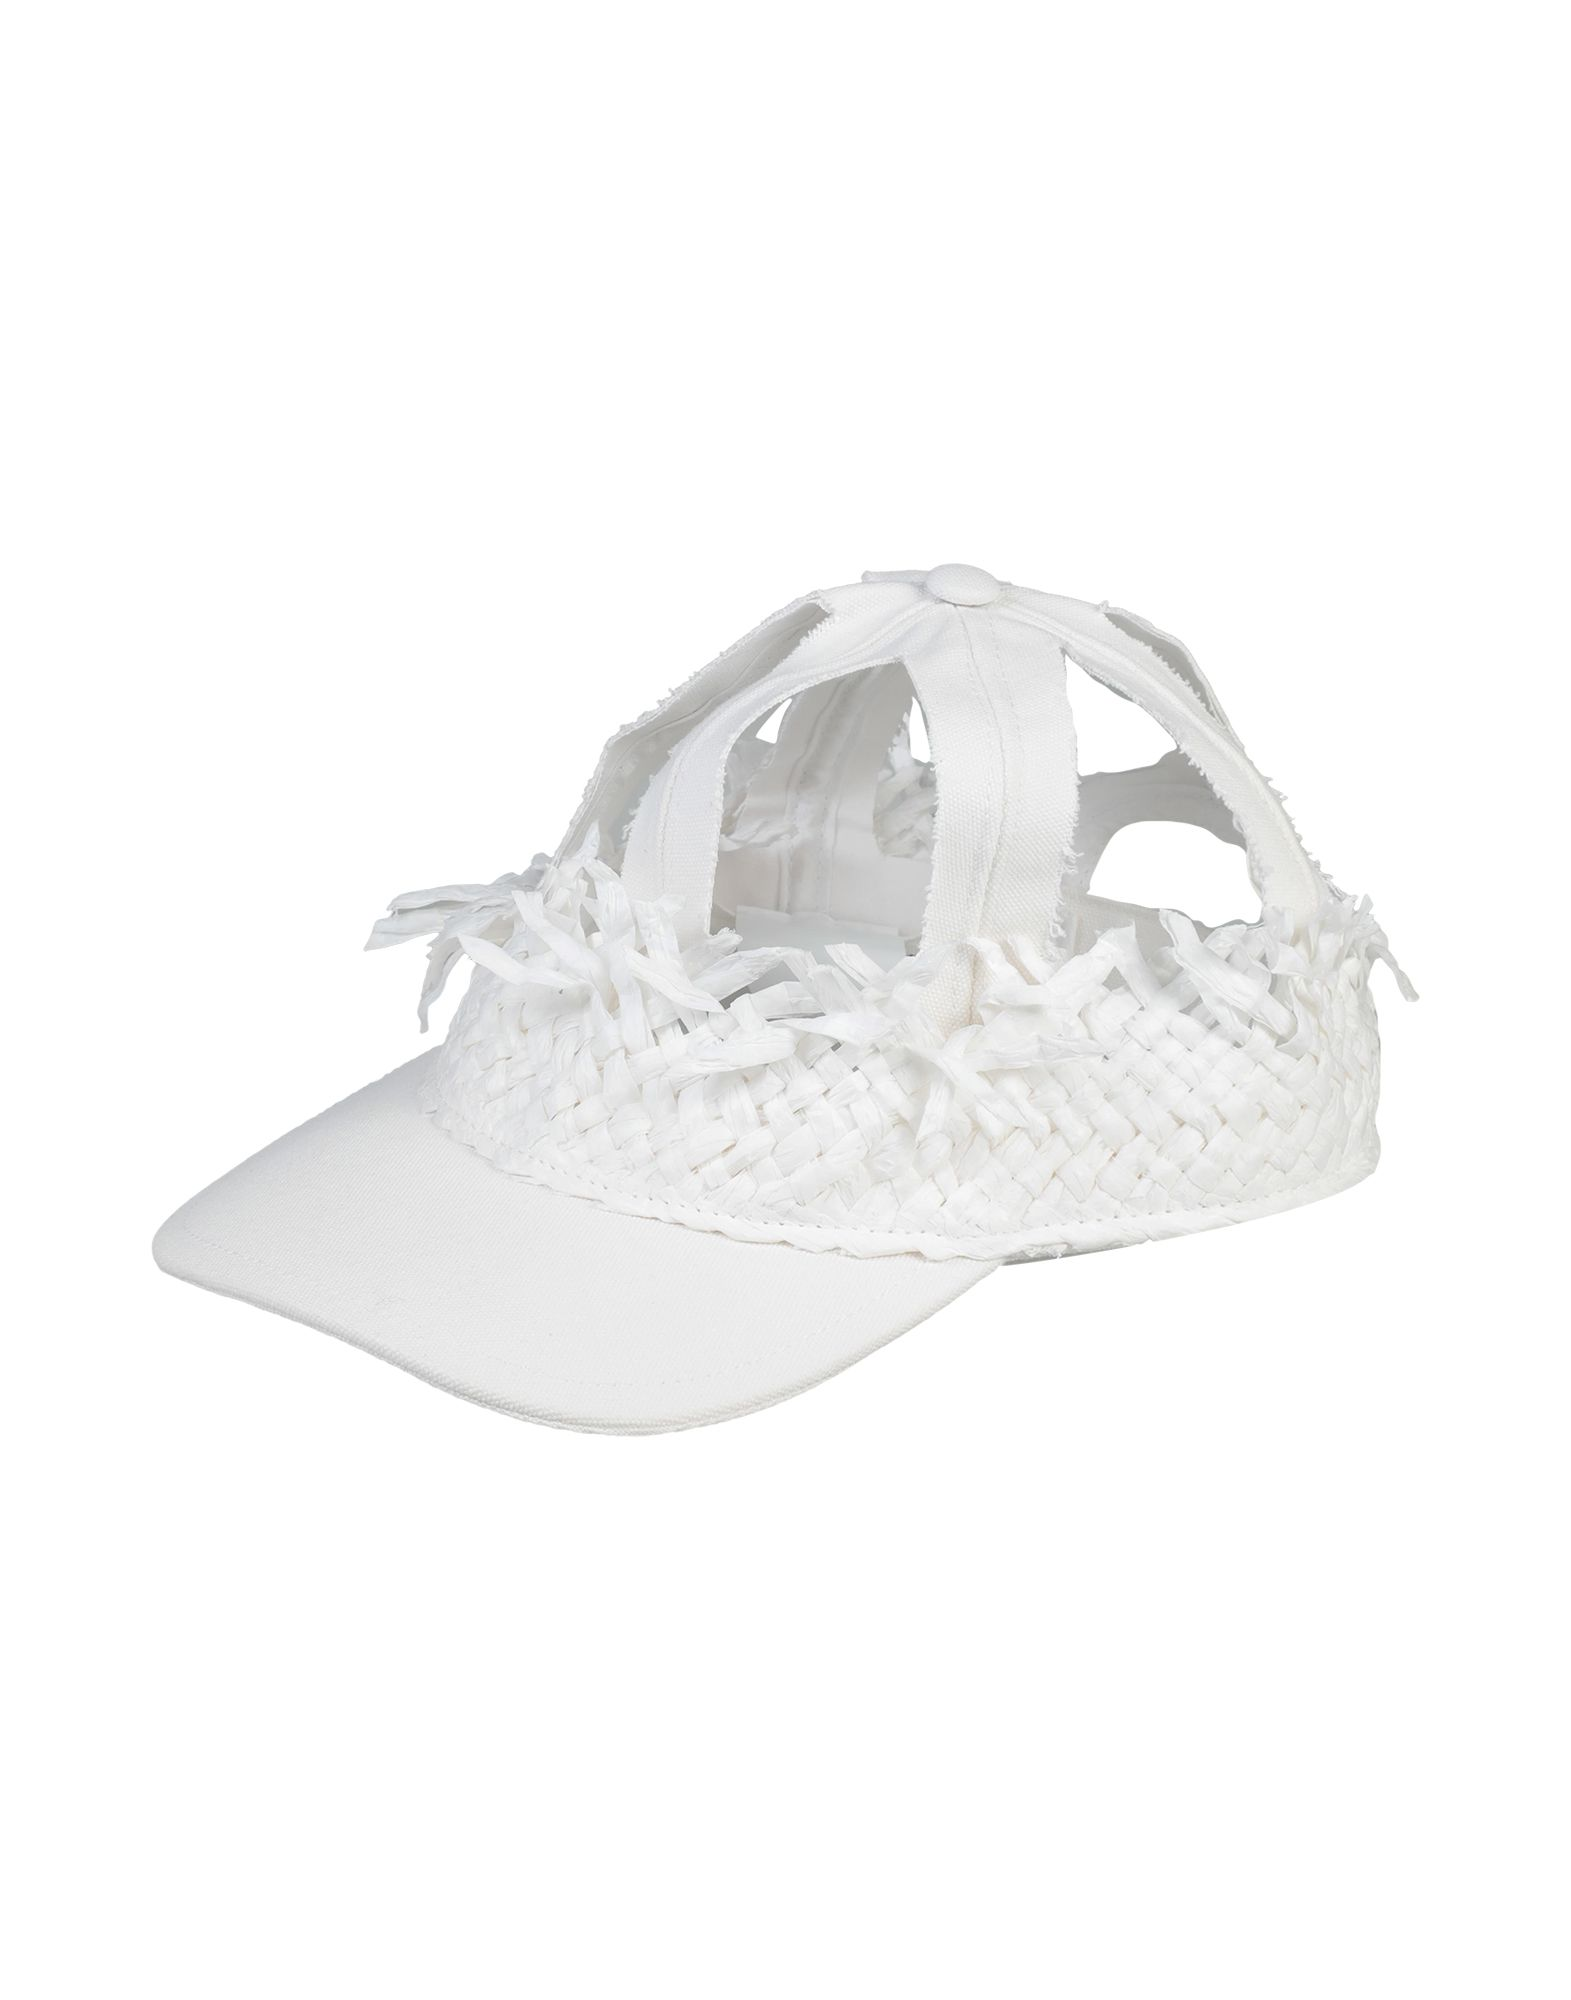 MAISON MARGIELA Hats. canvas, no appliqués, basic solid color, hard visor, velcro closure. 100% Cotton, Natural raffia